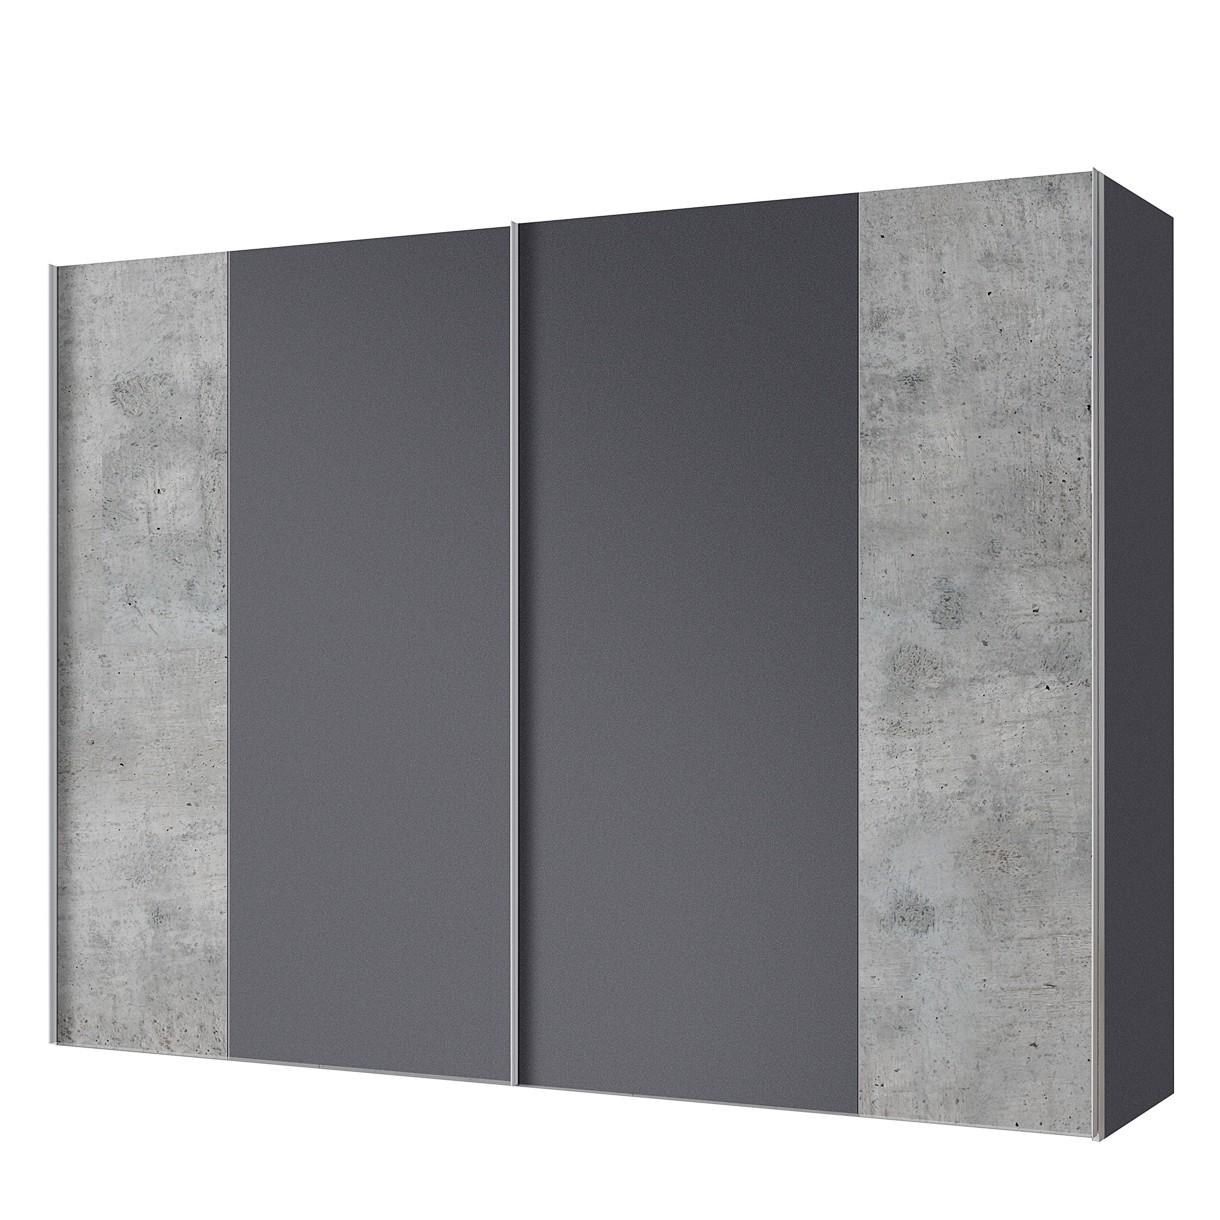 goedkoop Zweefdeurkast Cando Concrete look Grafiet 300cm 2 deurs Express Mobel